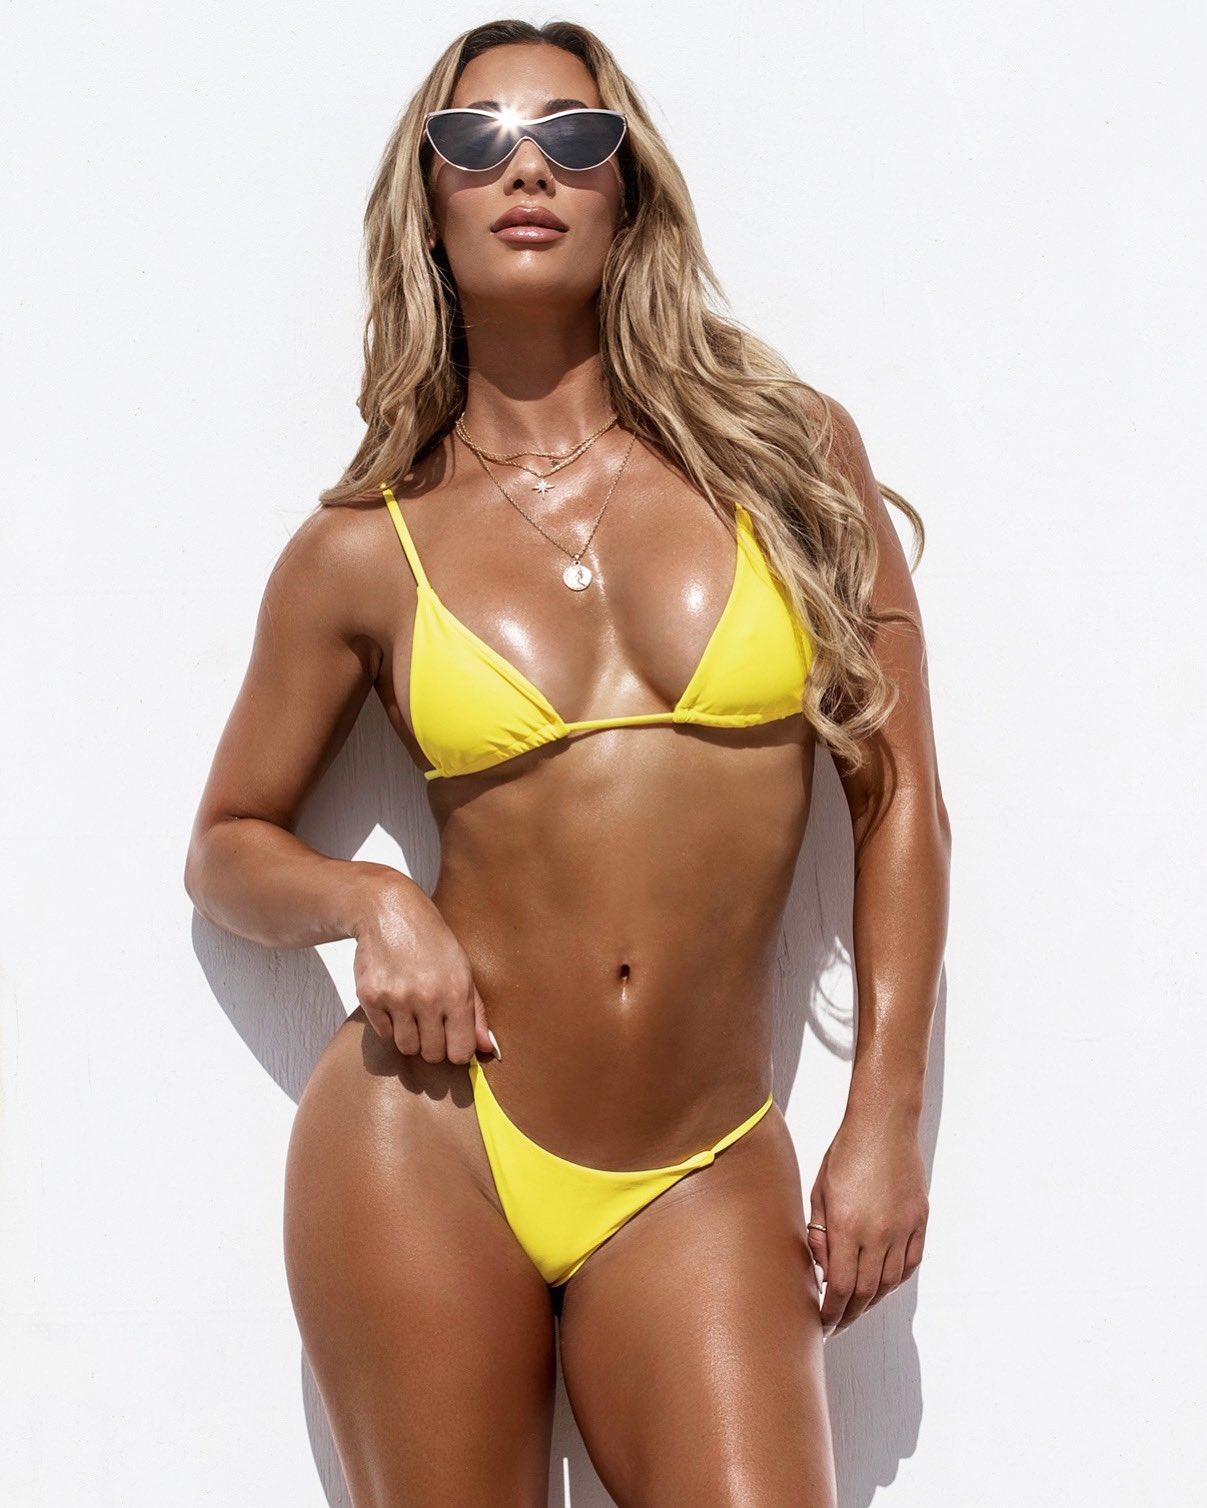 Carmella Hot